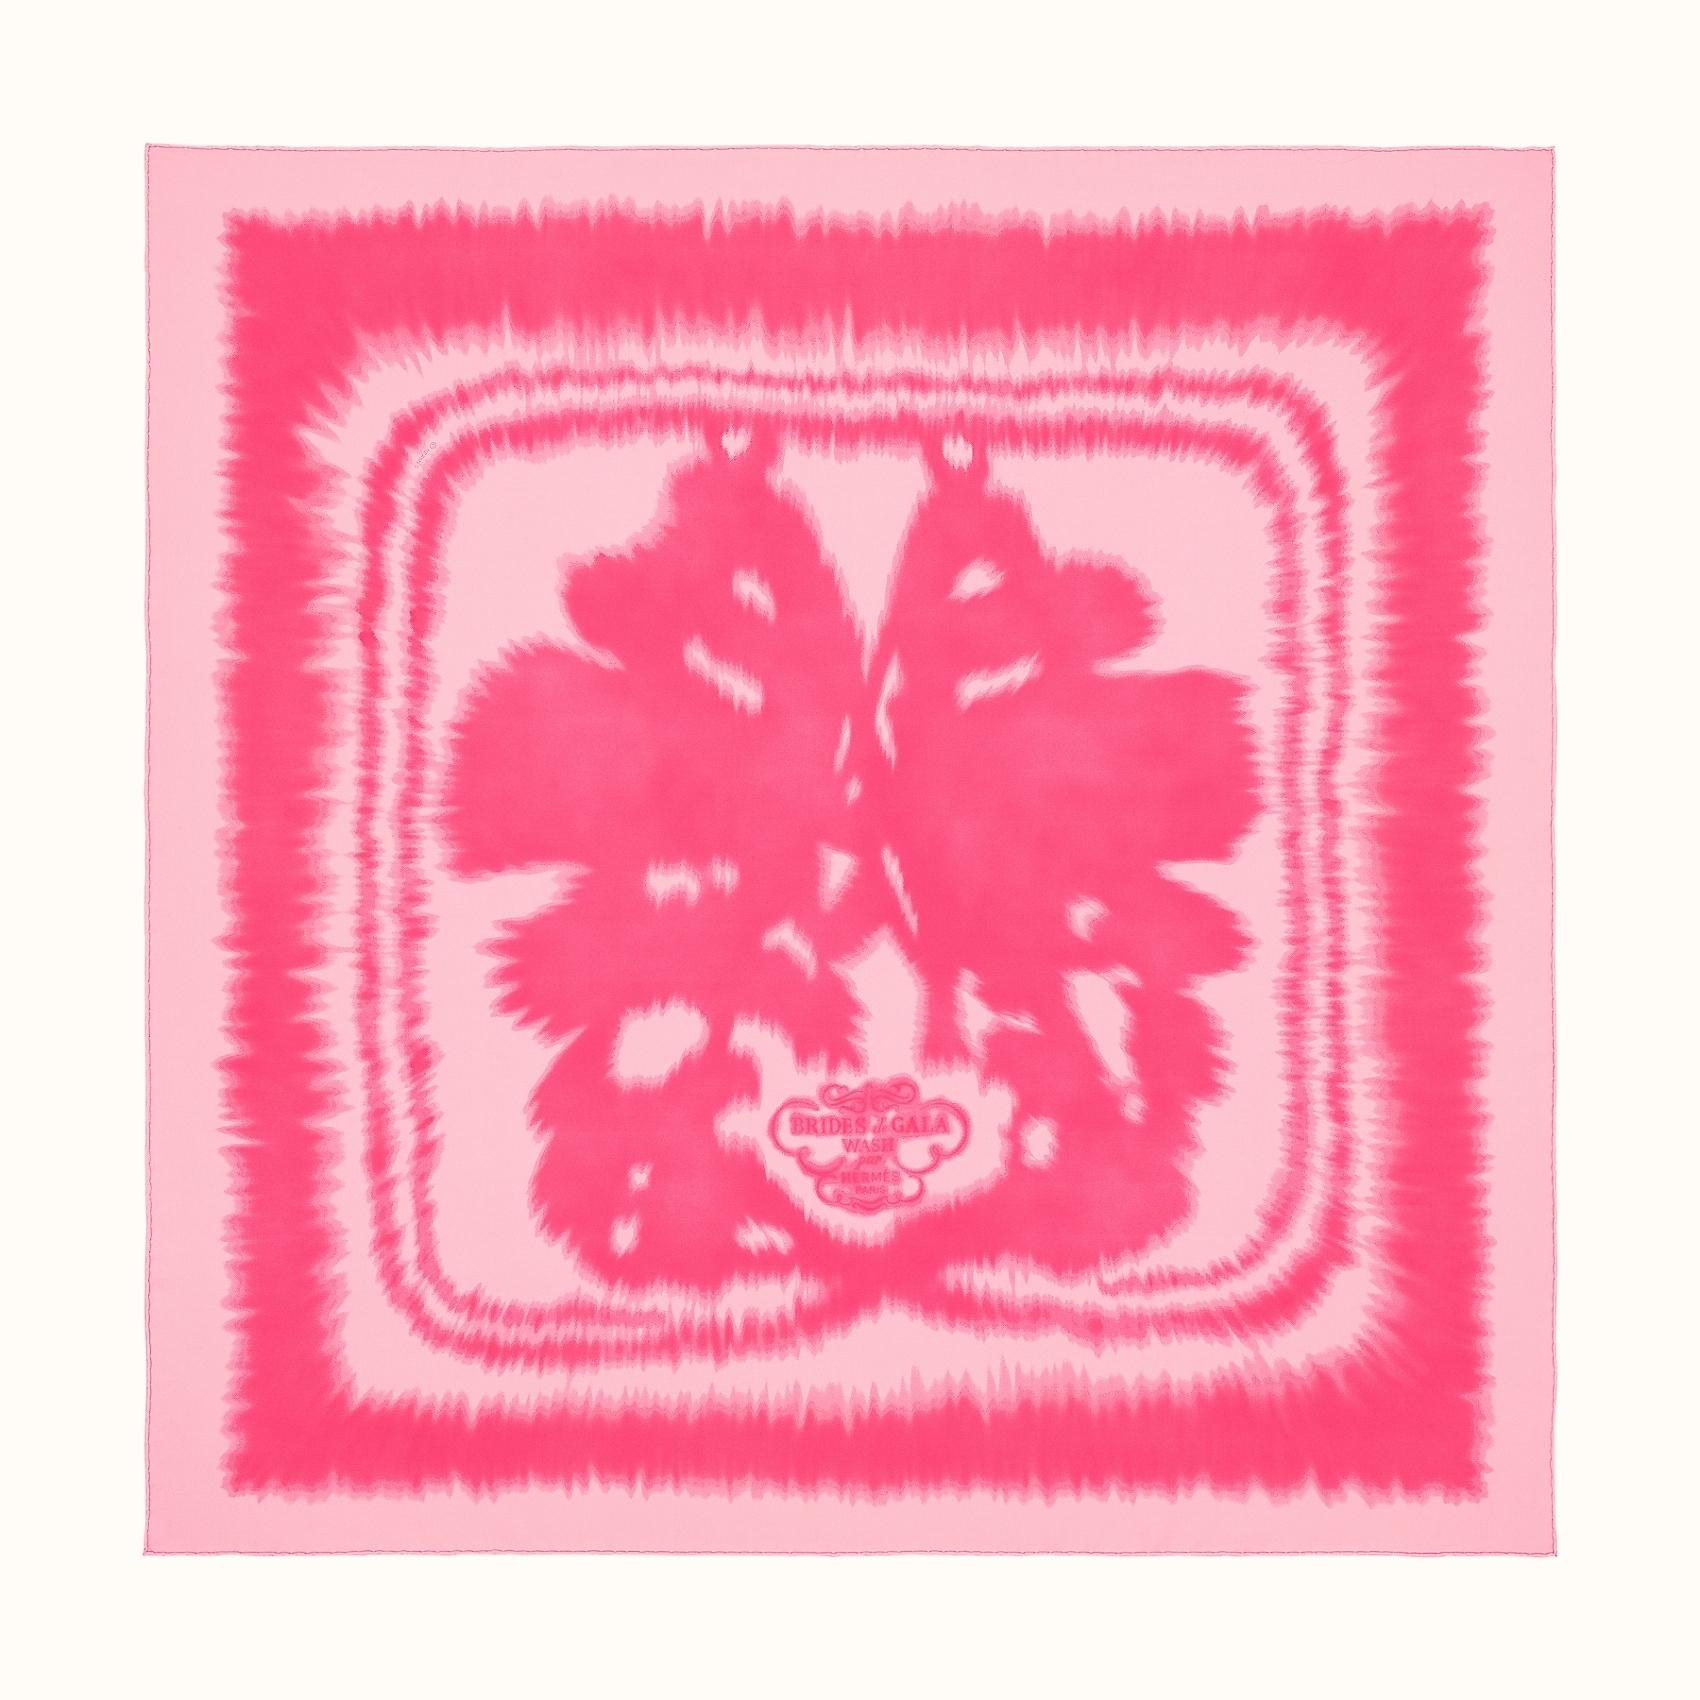 HERMES Brides de Gala wash scarf 90 - Rose Malabar/Rose Vif